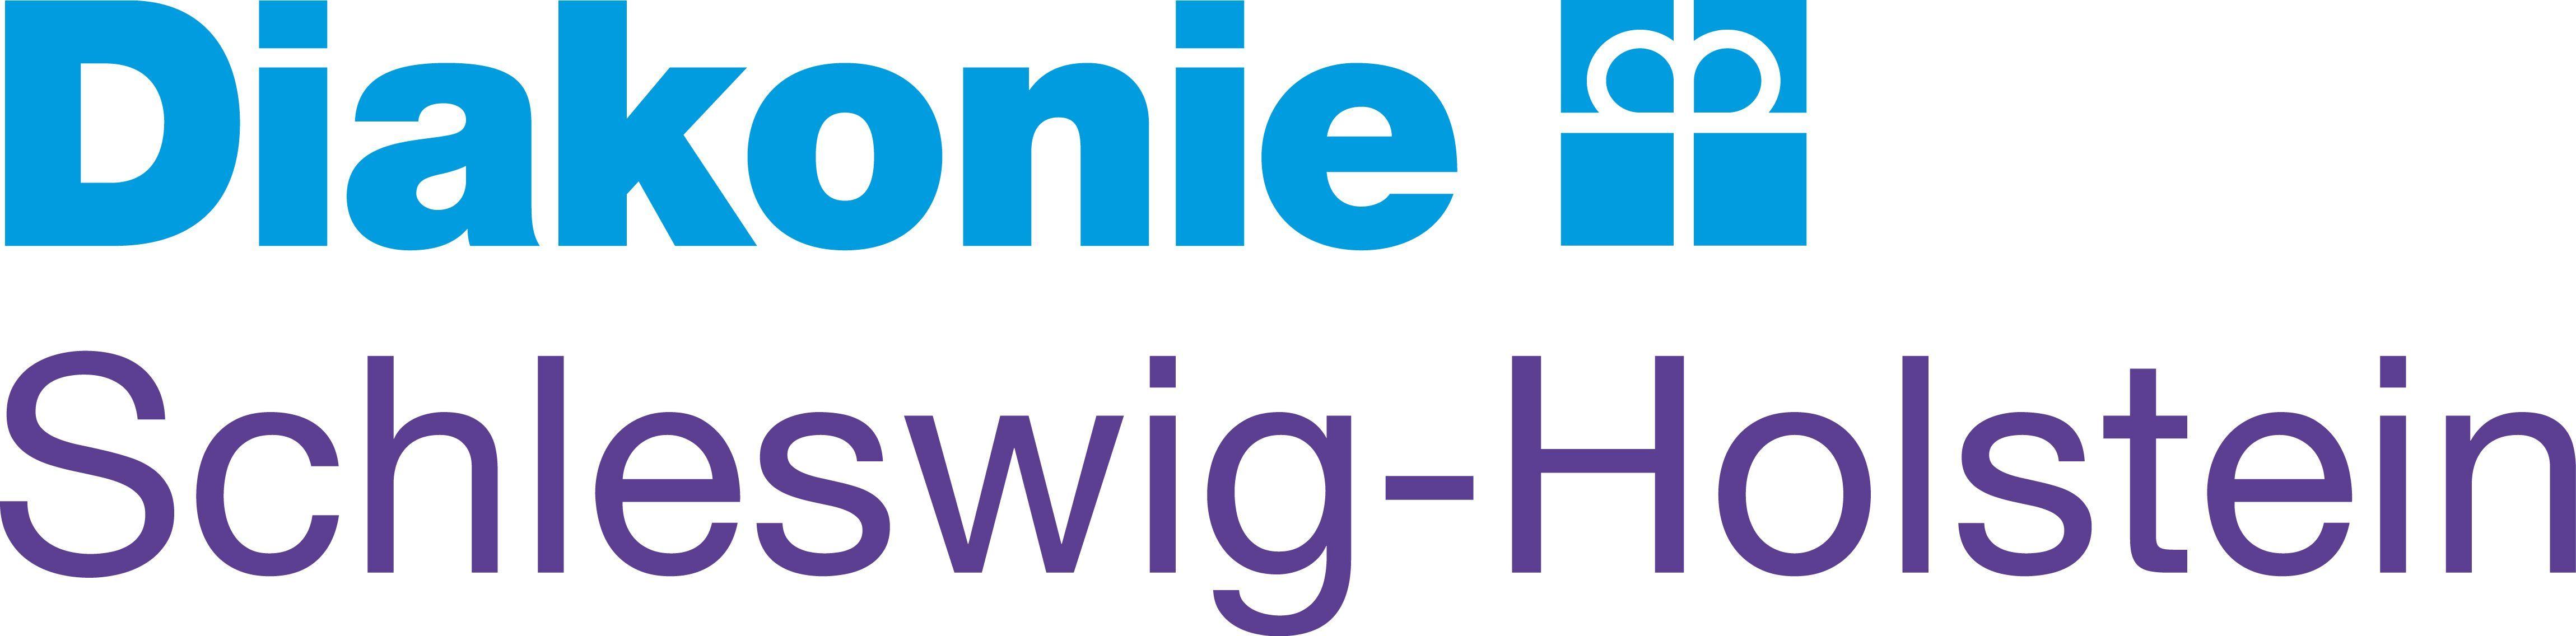 Logo: Diakonisches Werk Schleswig-Holstein - Landesverband der Inneren Mission e.V.